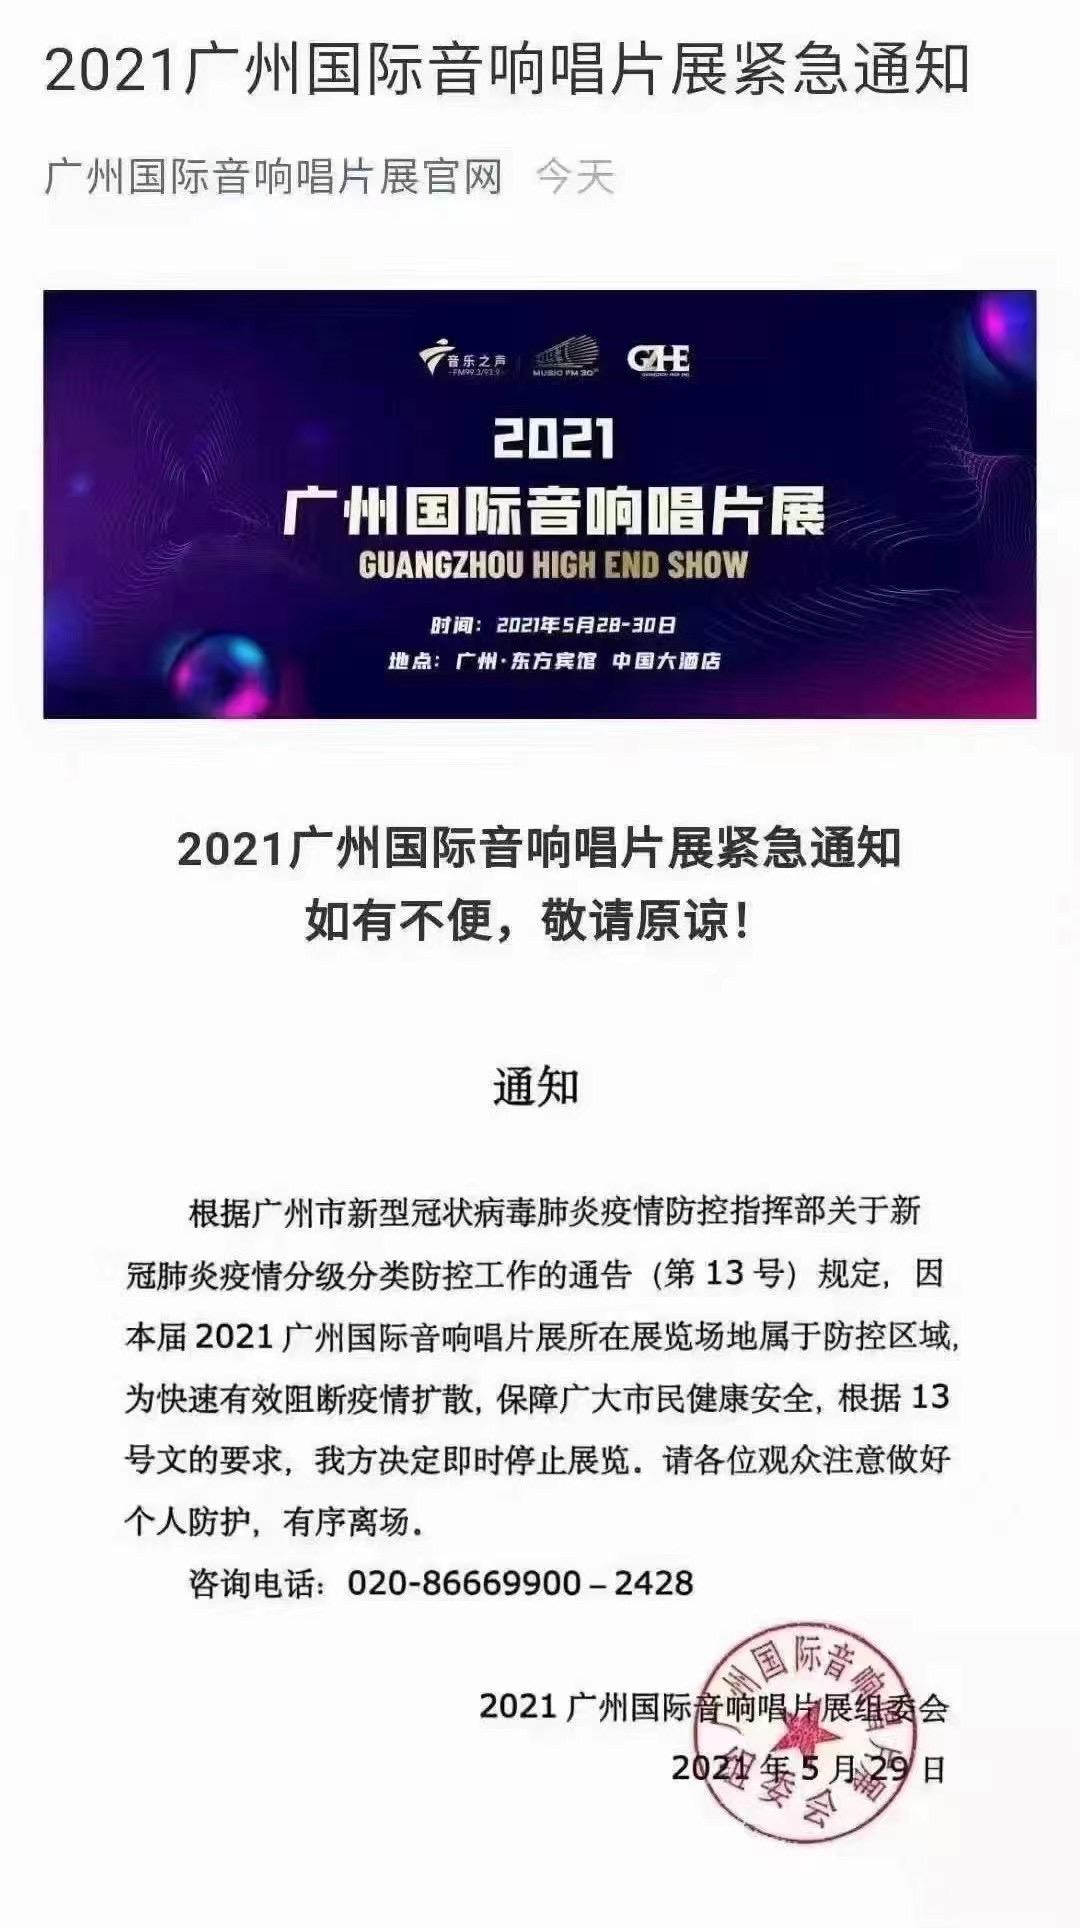 2021广州国际音响唱片展被紧急叫停,沈阳音响展受影响一并延期